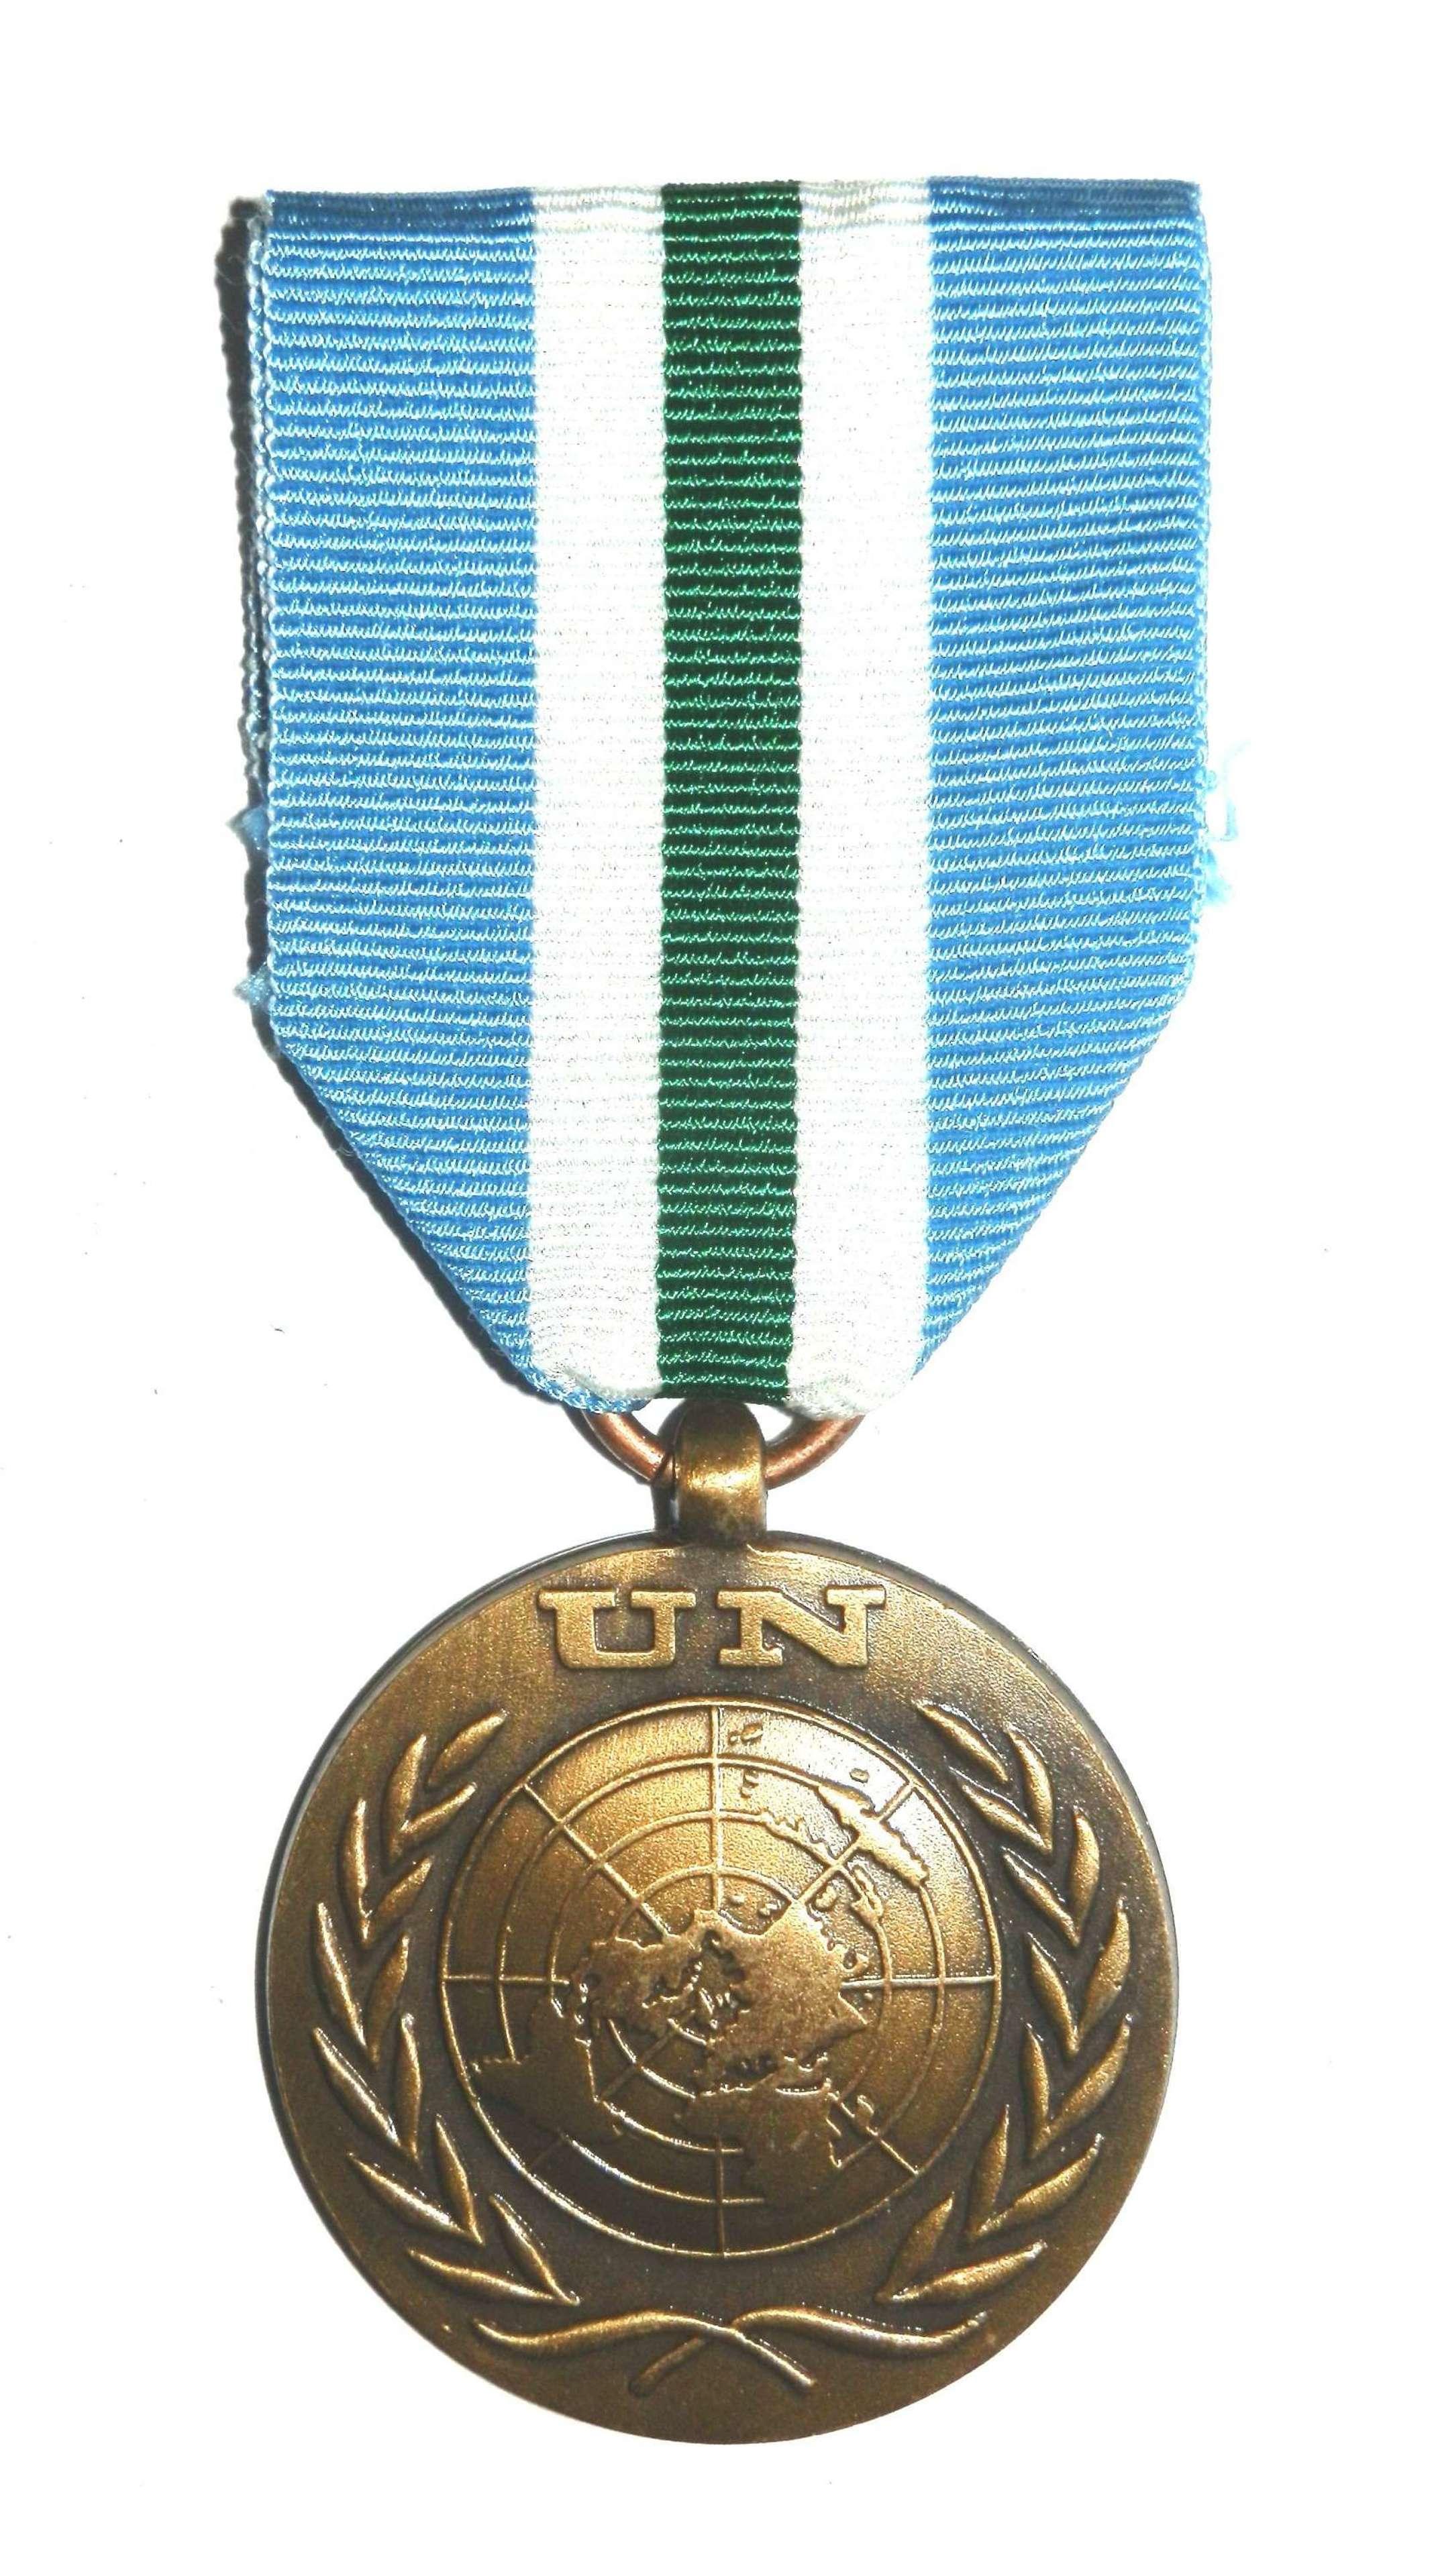 UNMOT United Nations Mission in Tadjikastan 1994-2000.